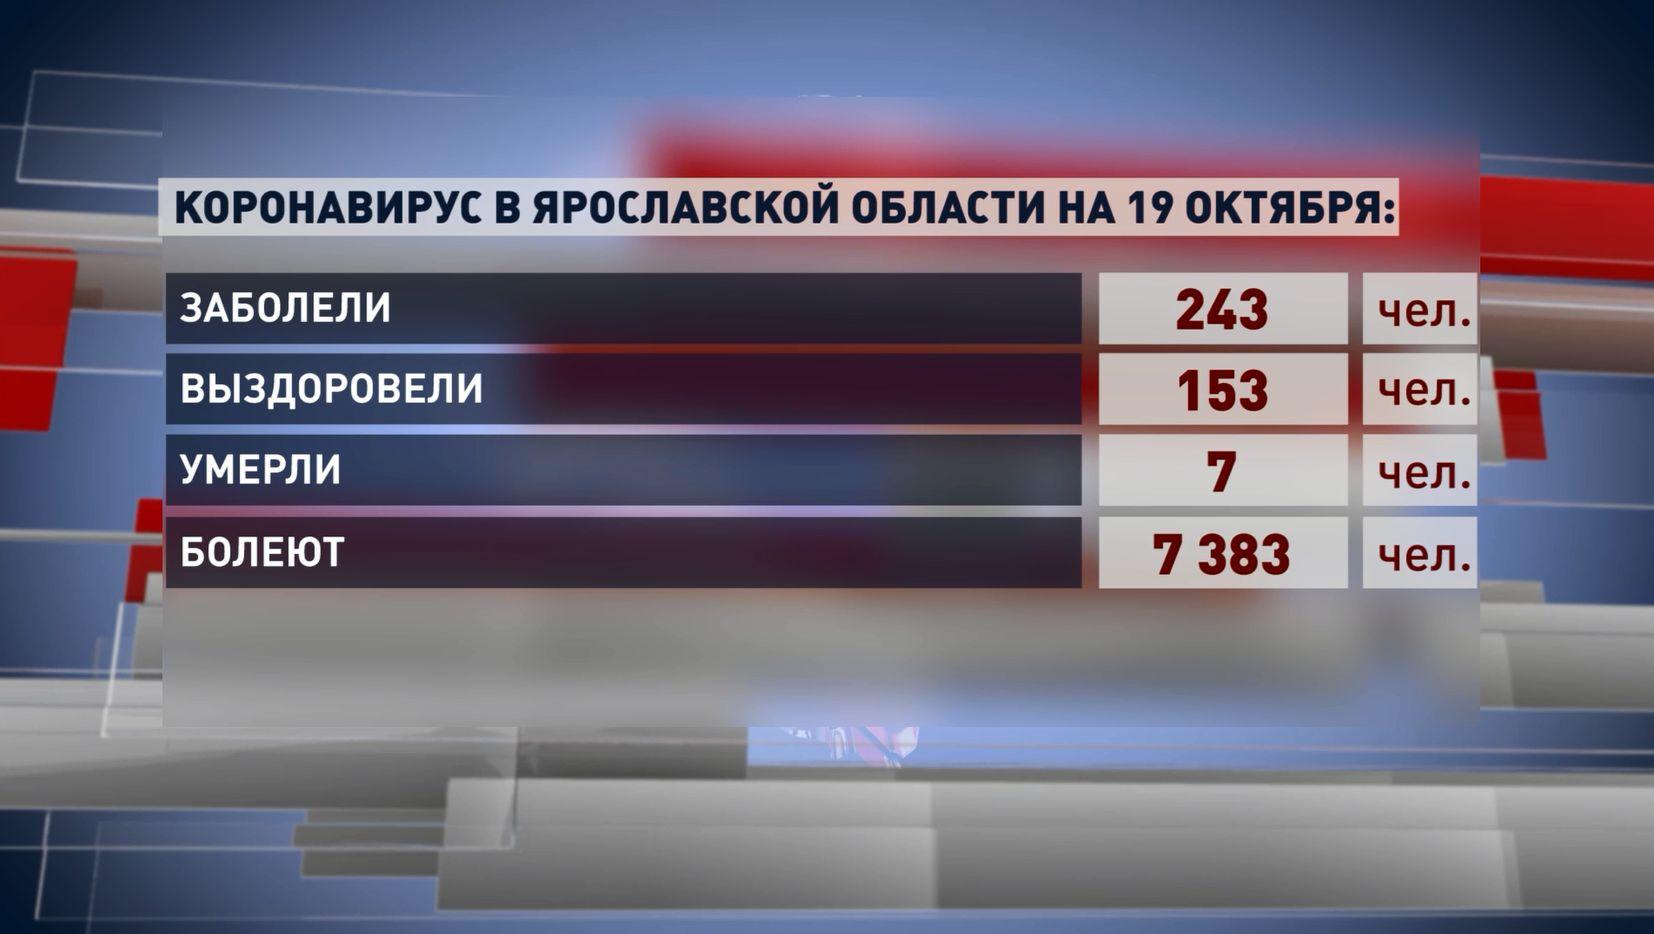 243 новых случаев заражения коронавирусом зарегистрировано в Ярославской области за сутки